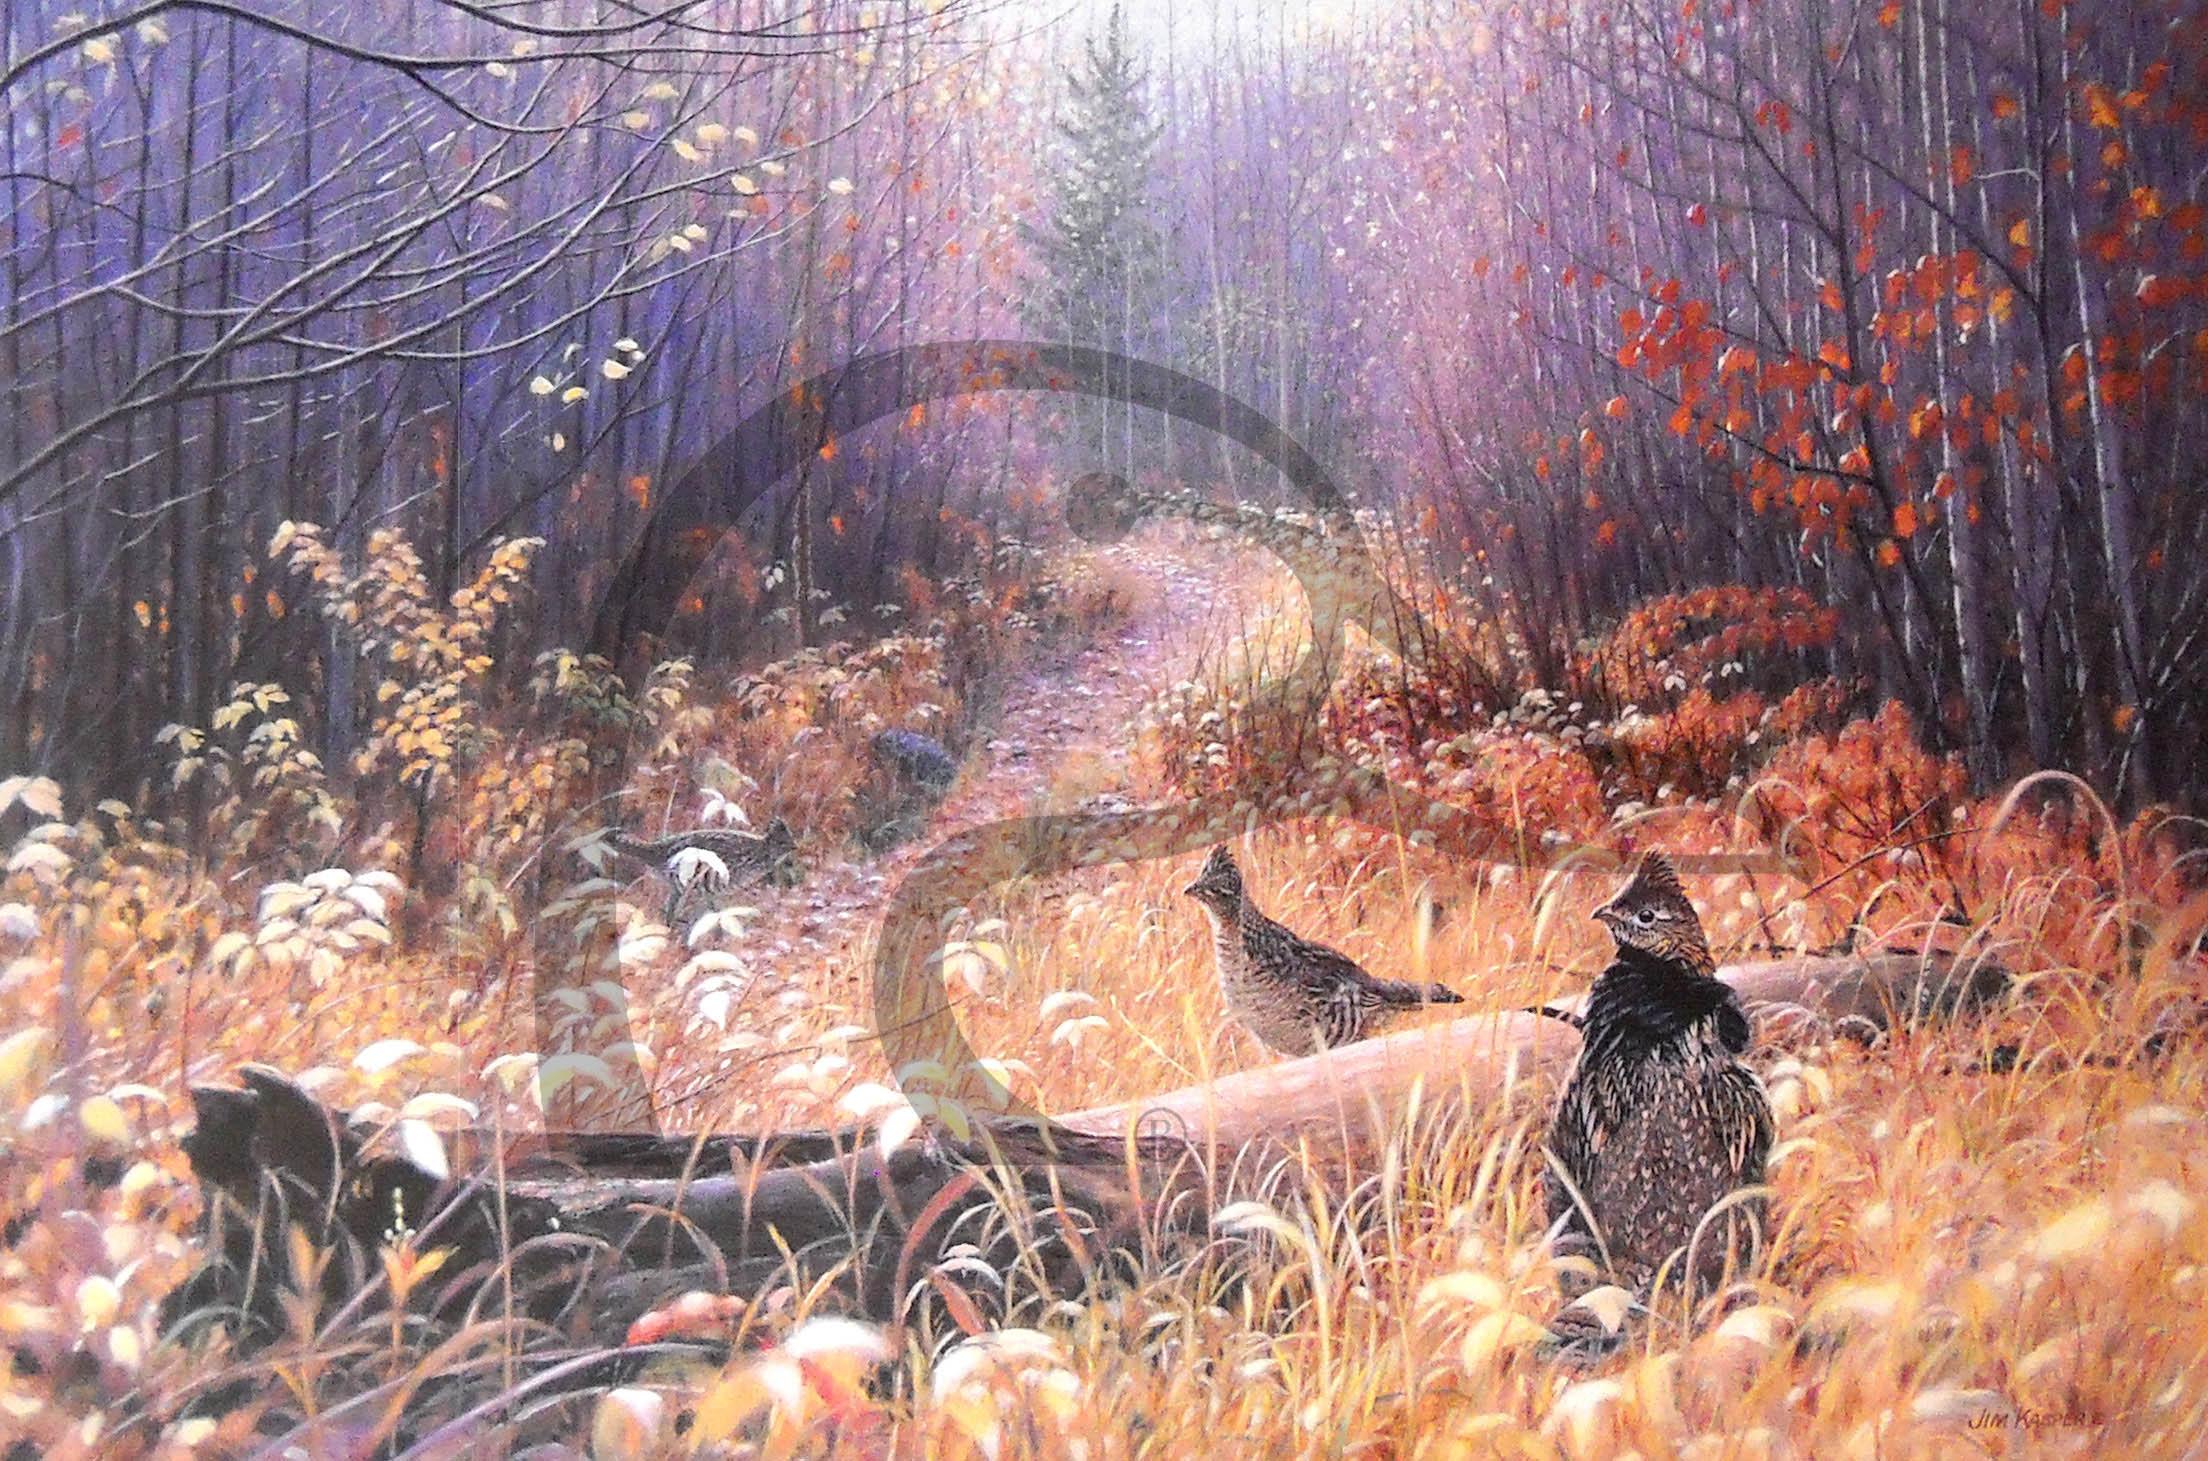 Trail's End Sanctuary